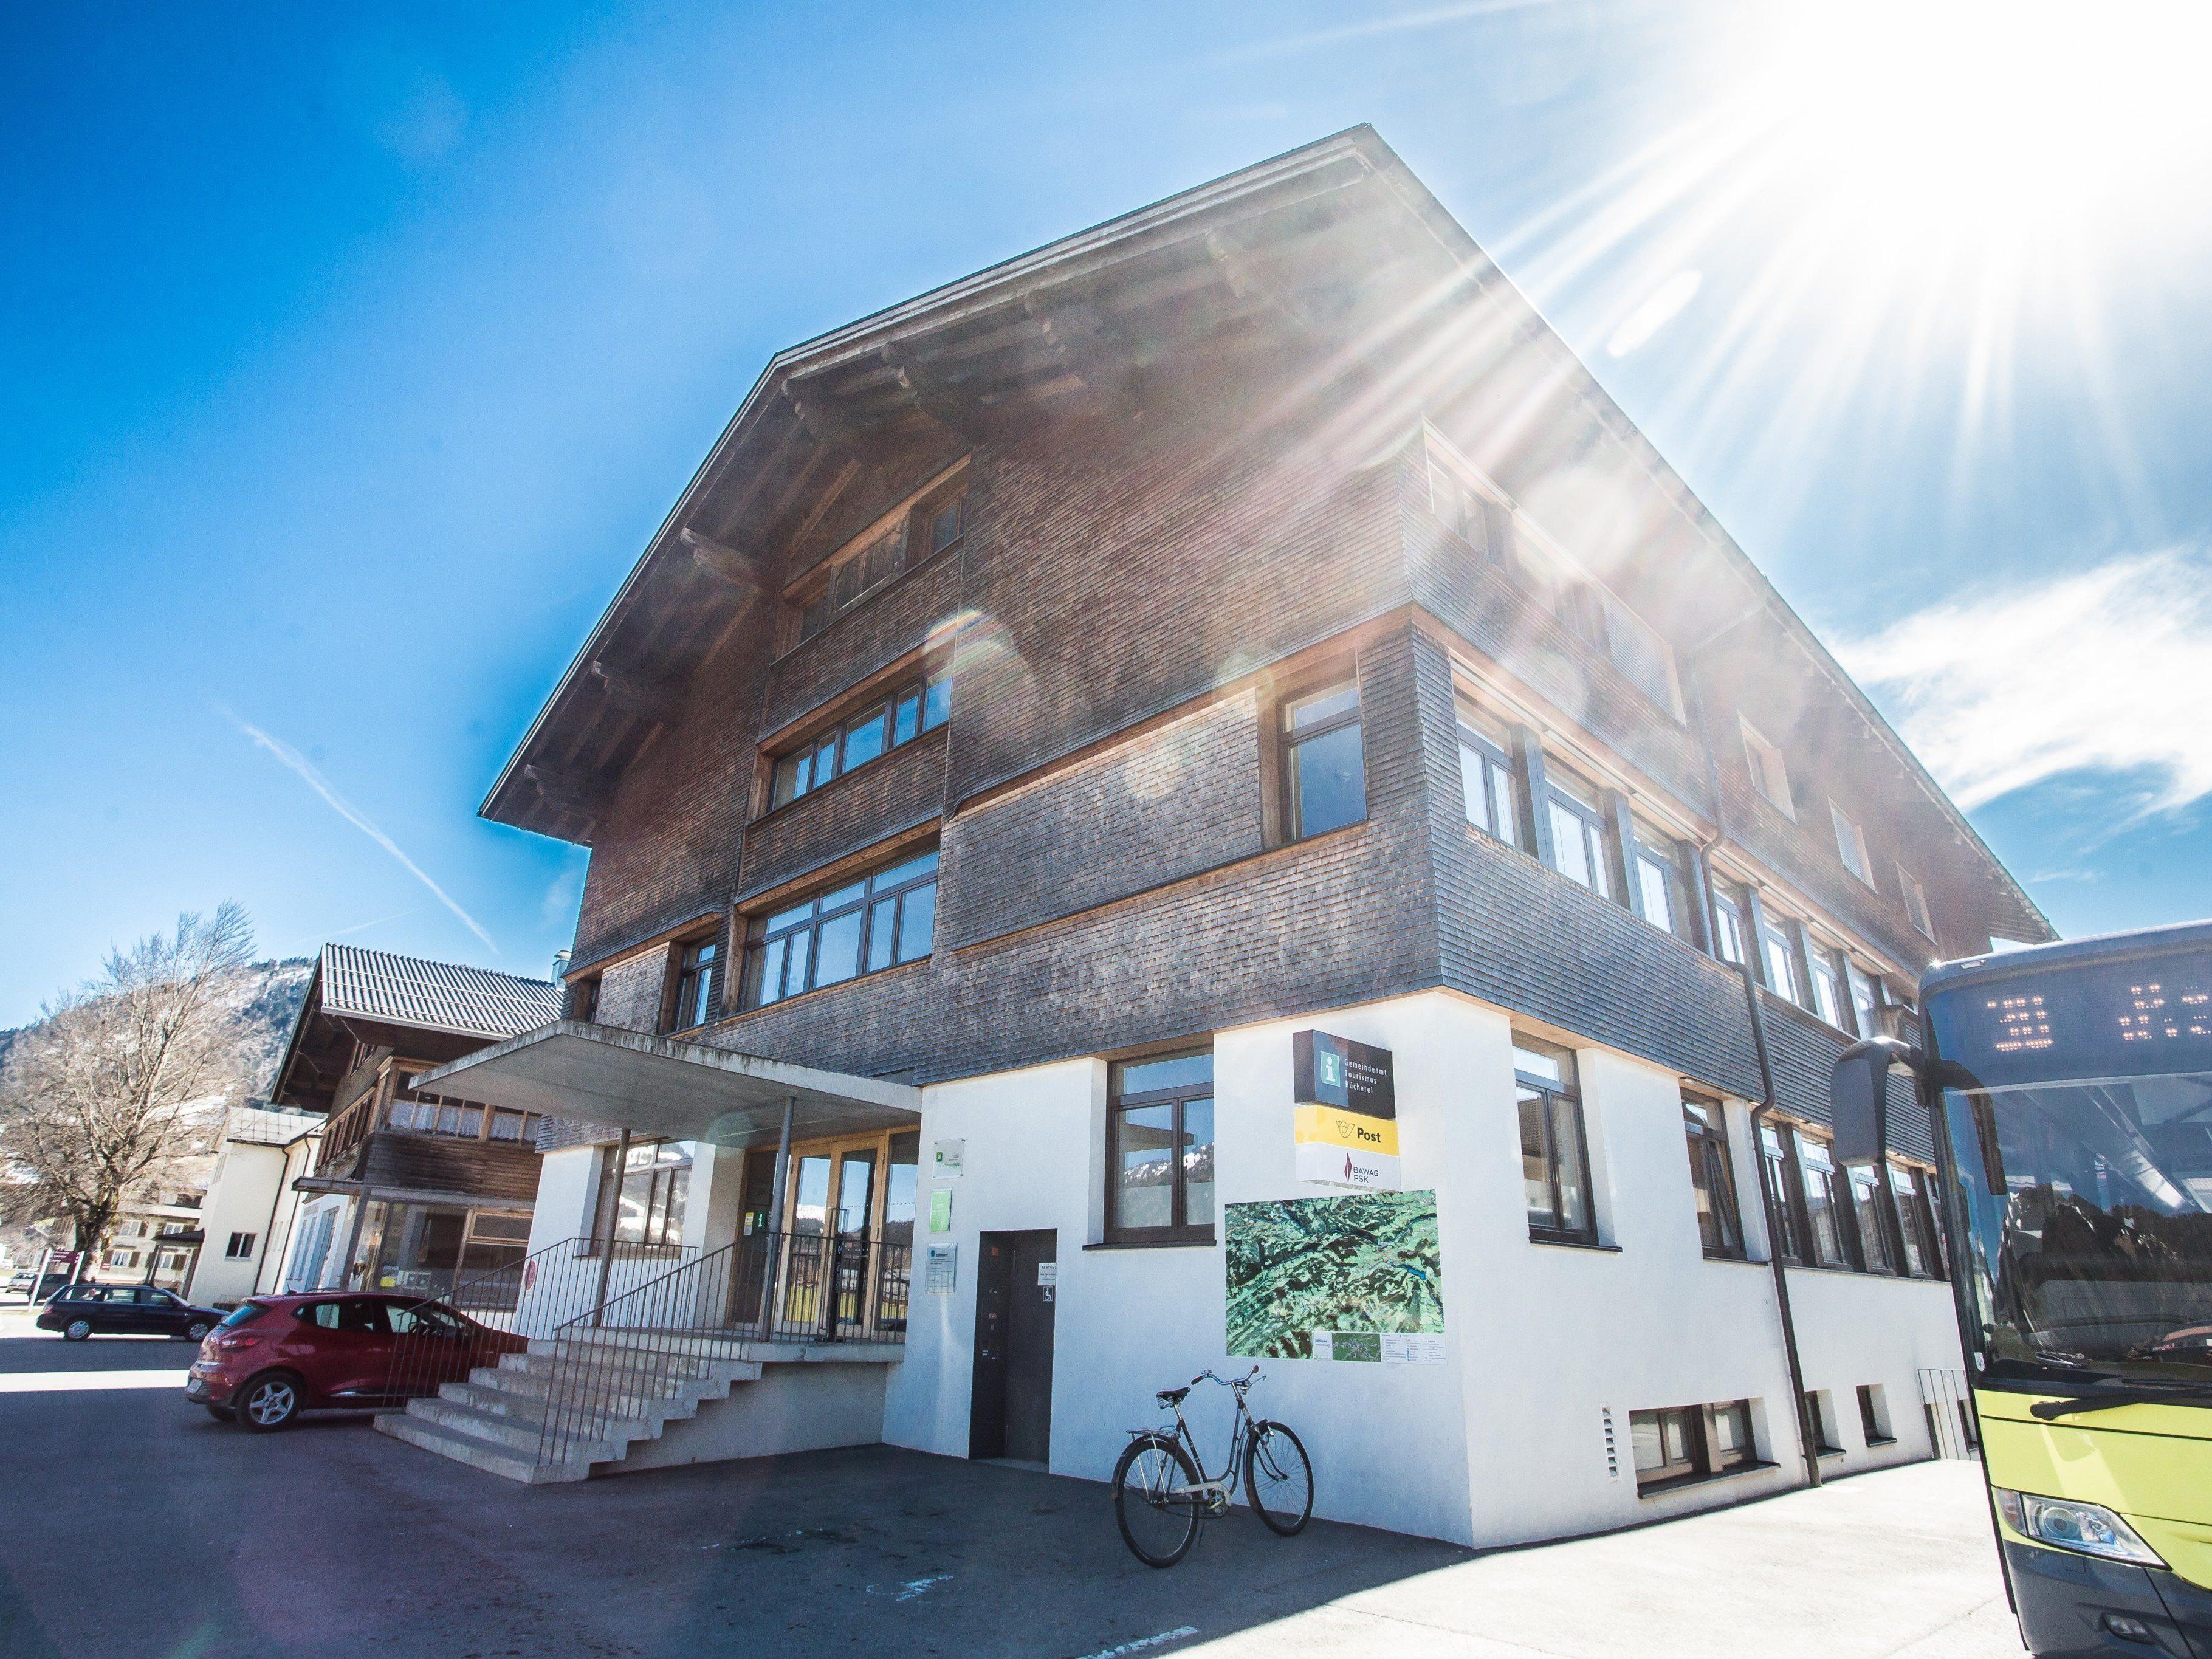 Neuer Bürgermeister in Hittisau: Gerhard Beer folgt auf Klaus Schwarz.